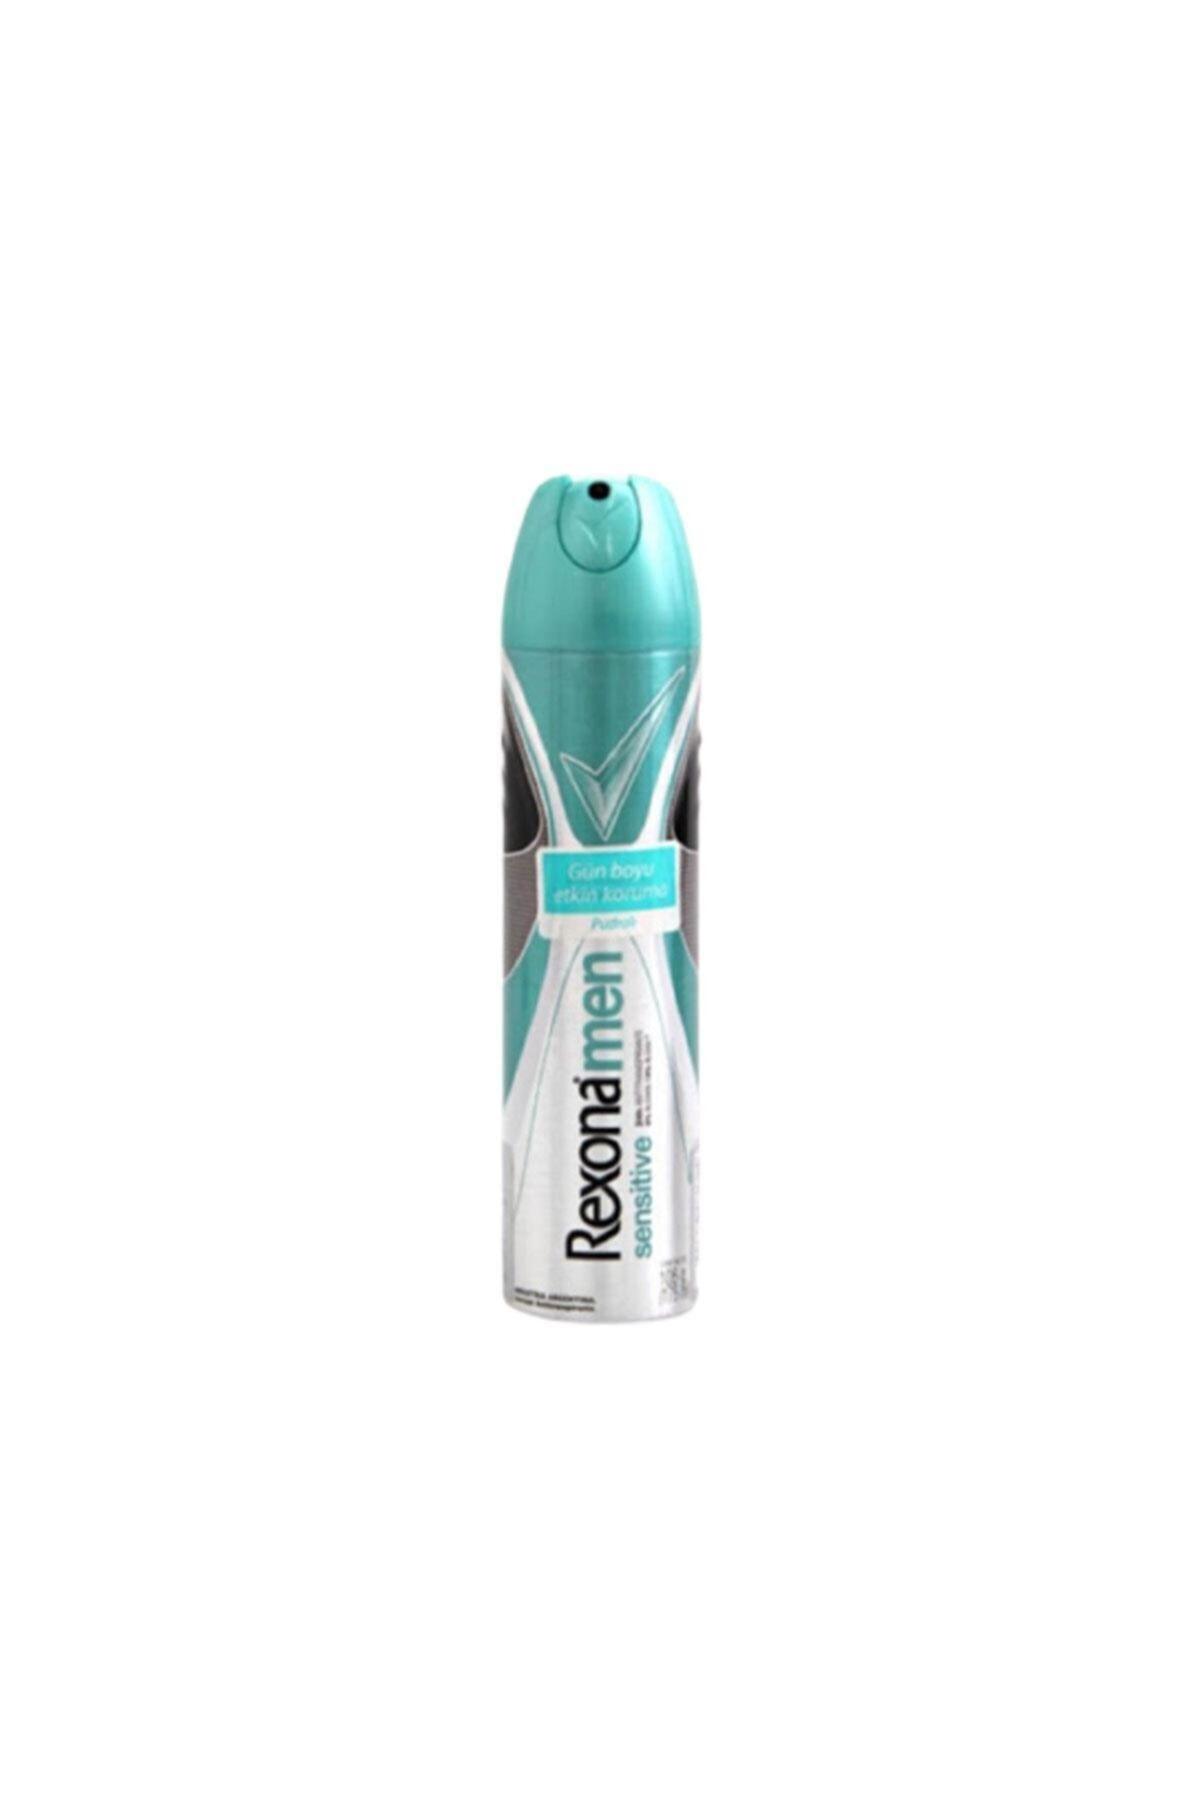 Rexona Men Sensitive Deodorant 175 Ml 1